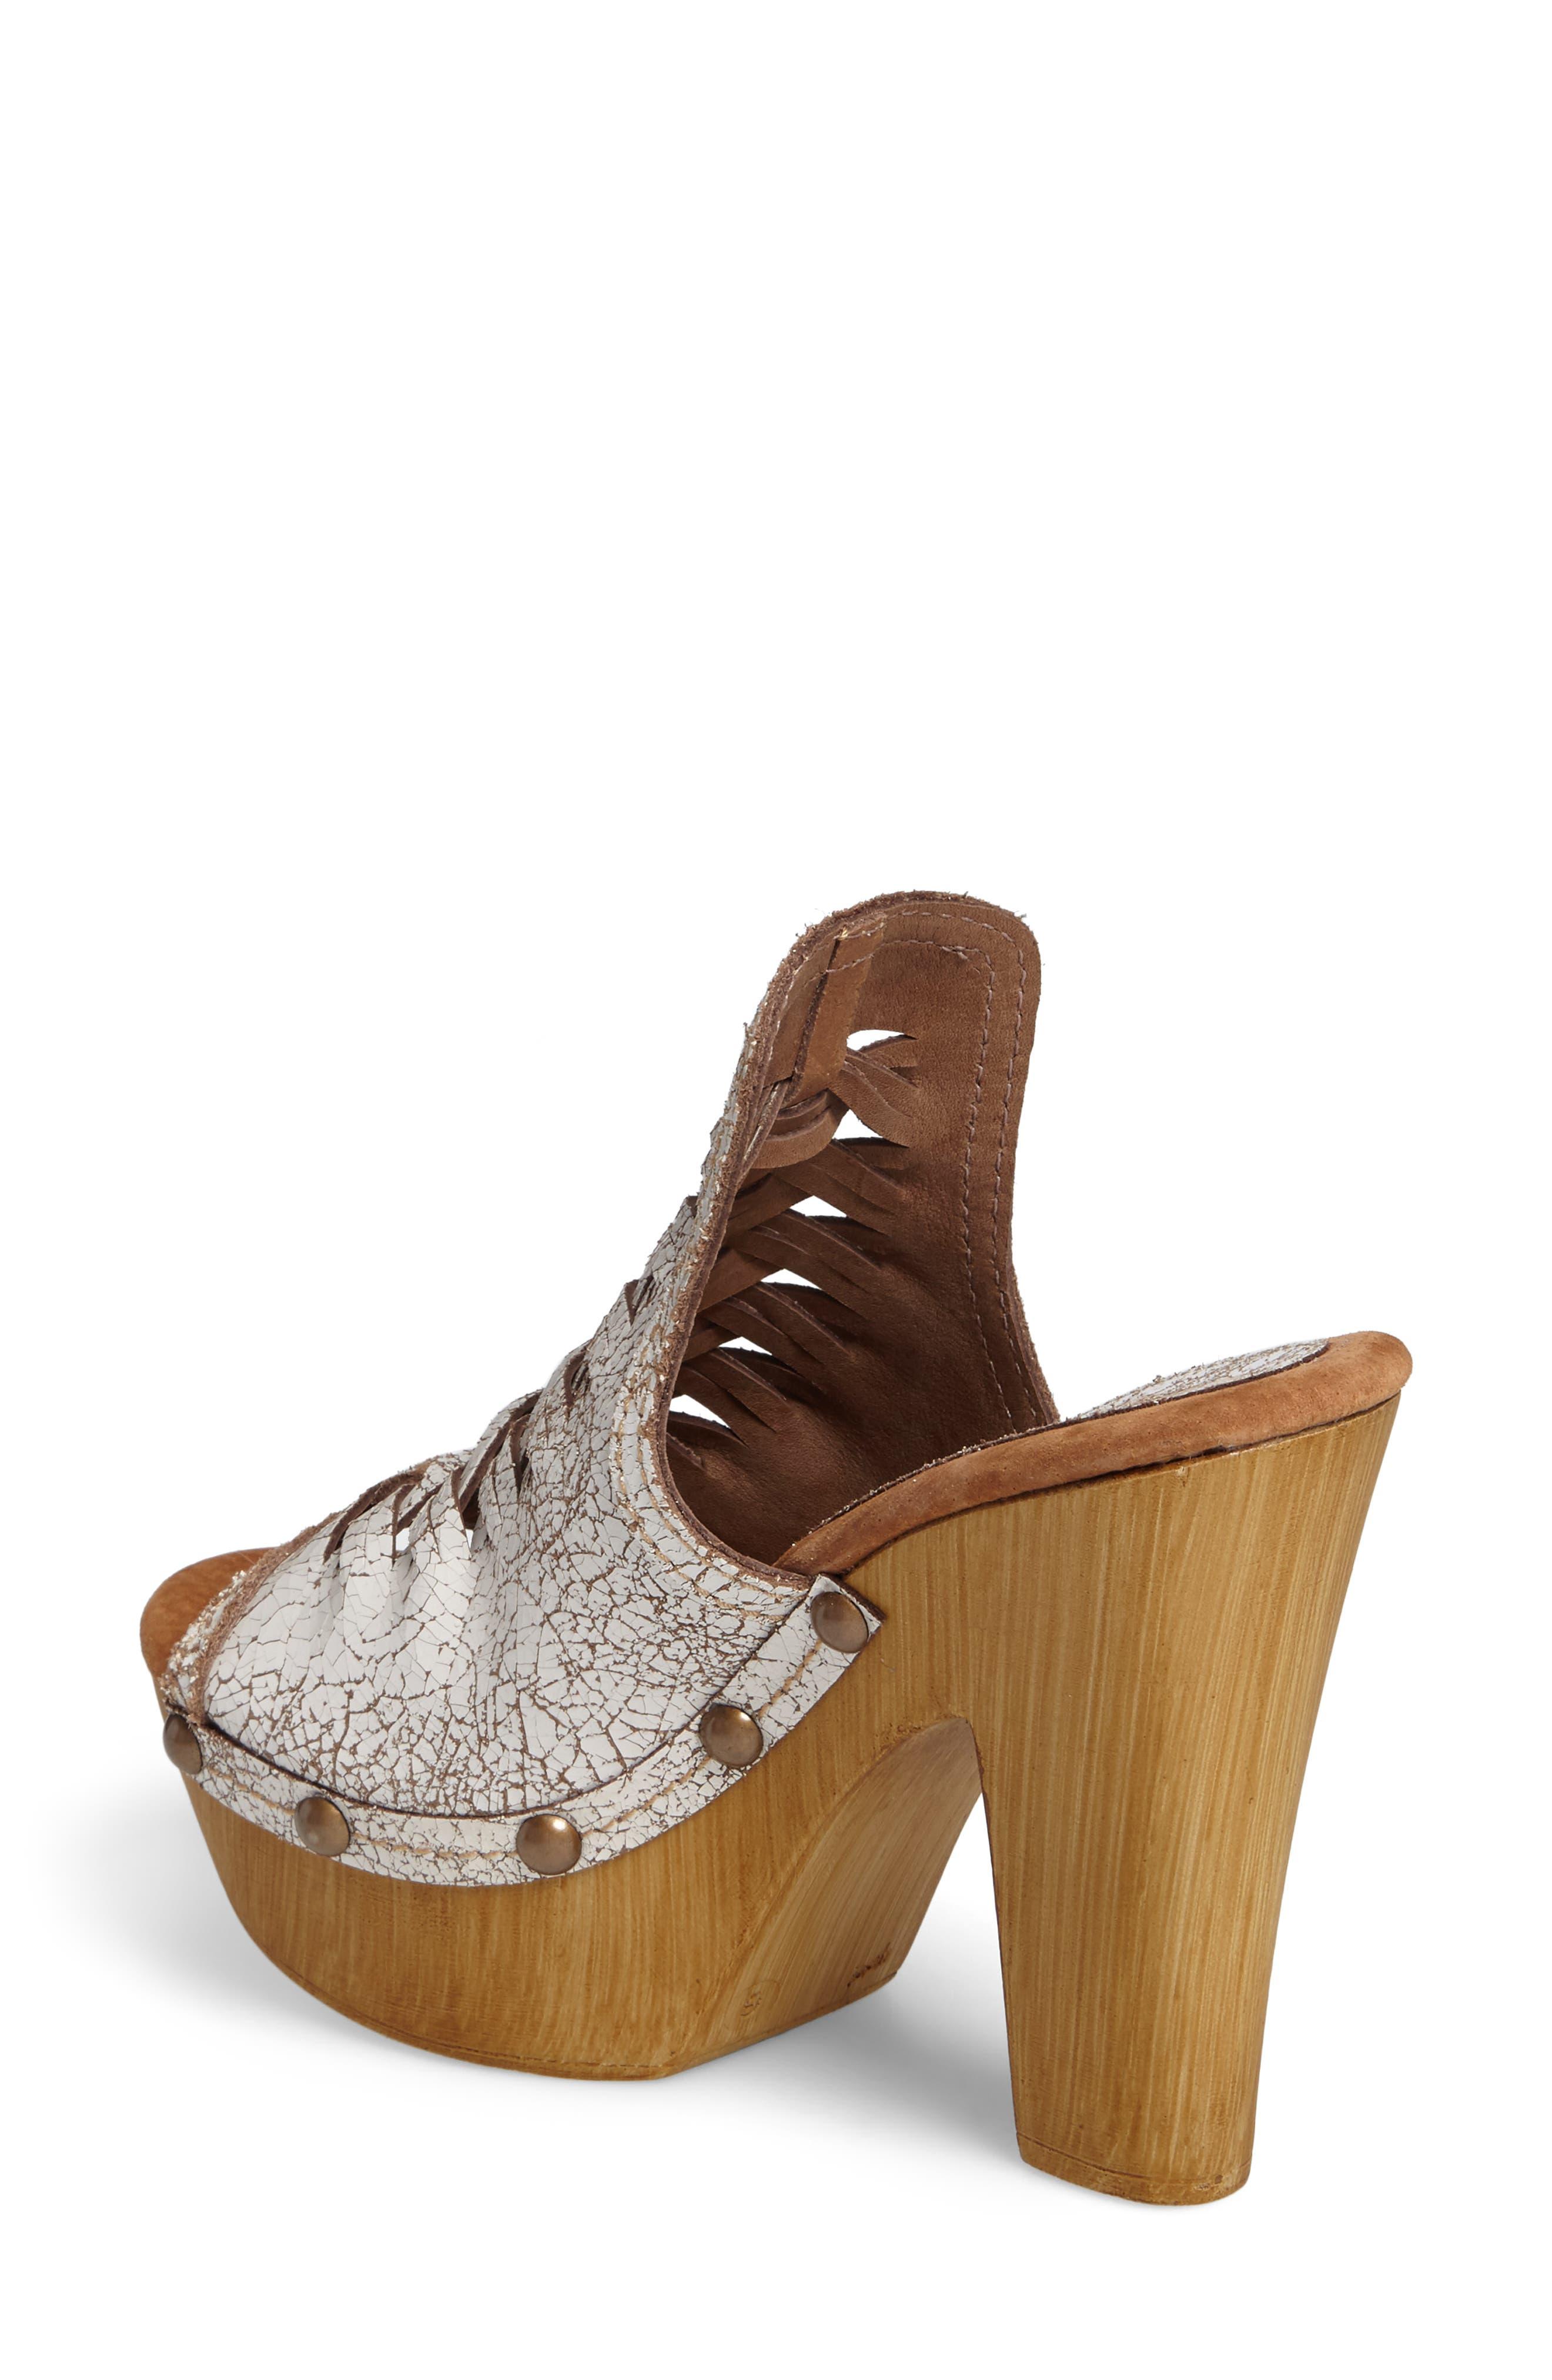 Kinga Platform Sandal,                             Alternate thumbnail 2, color,                             White Leather